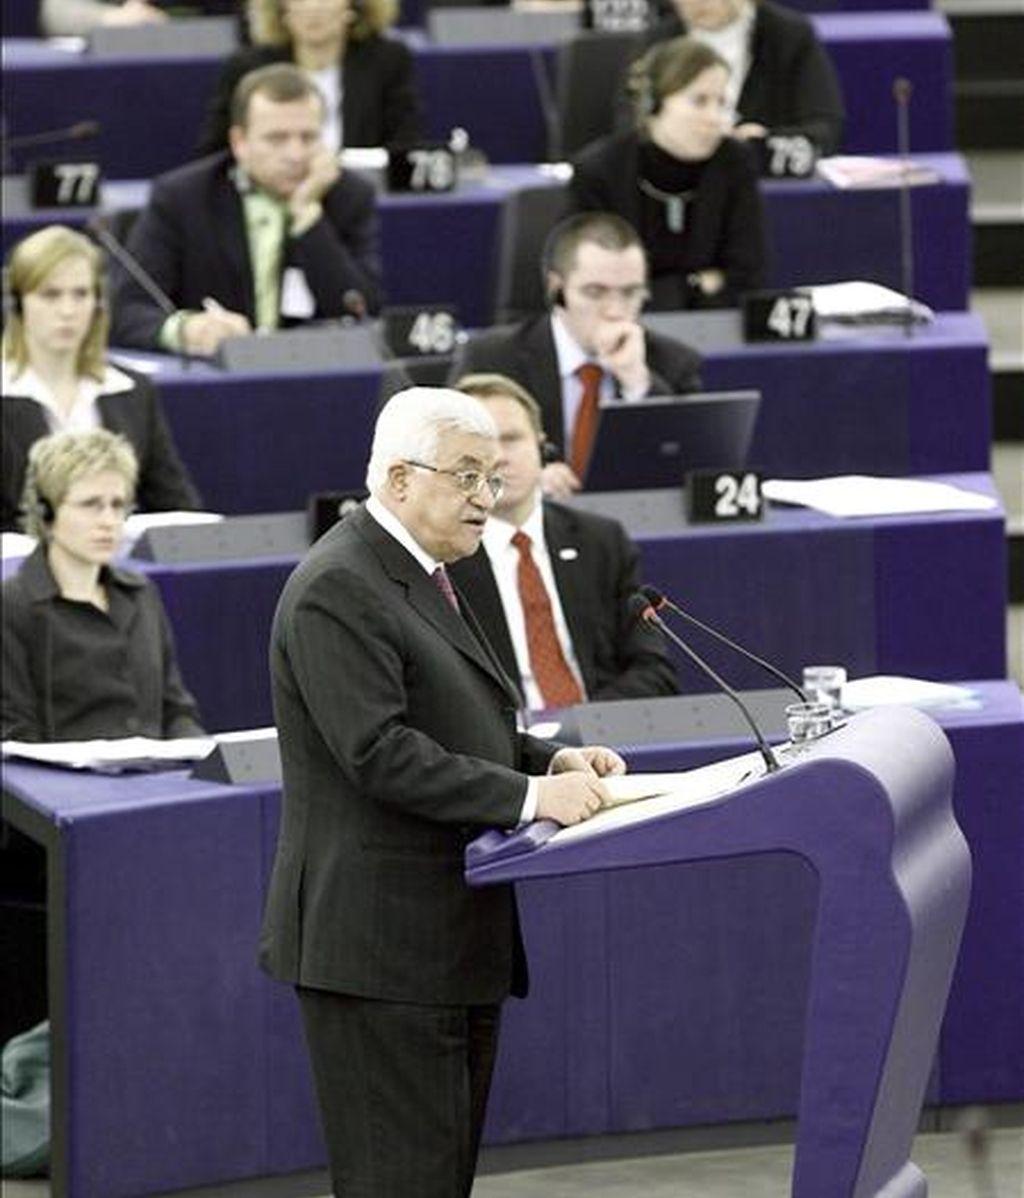 El presidente palestino, Mahmud Abás, ante el pleno del Parlamento Europeo. EFE